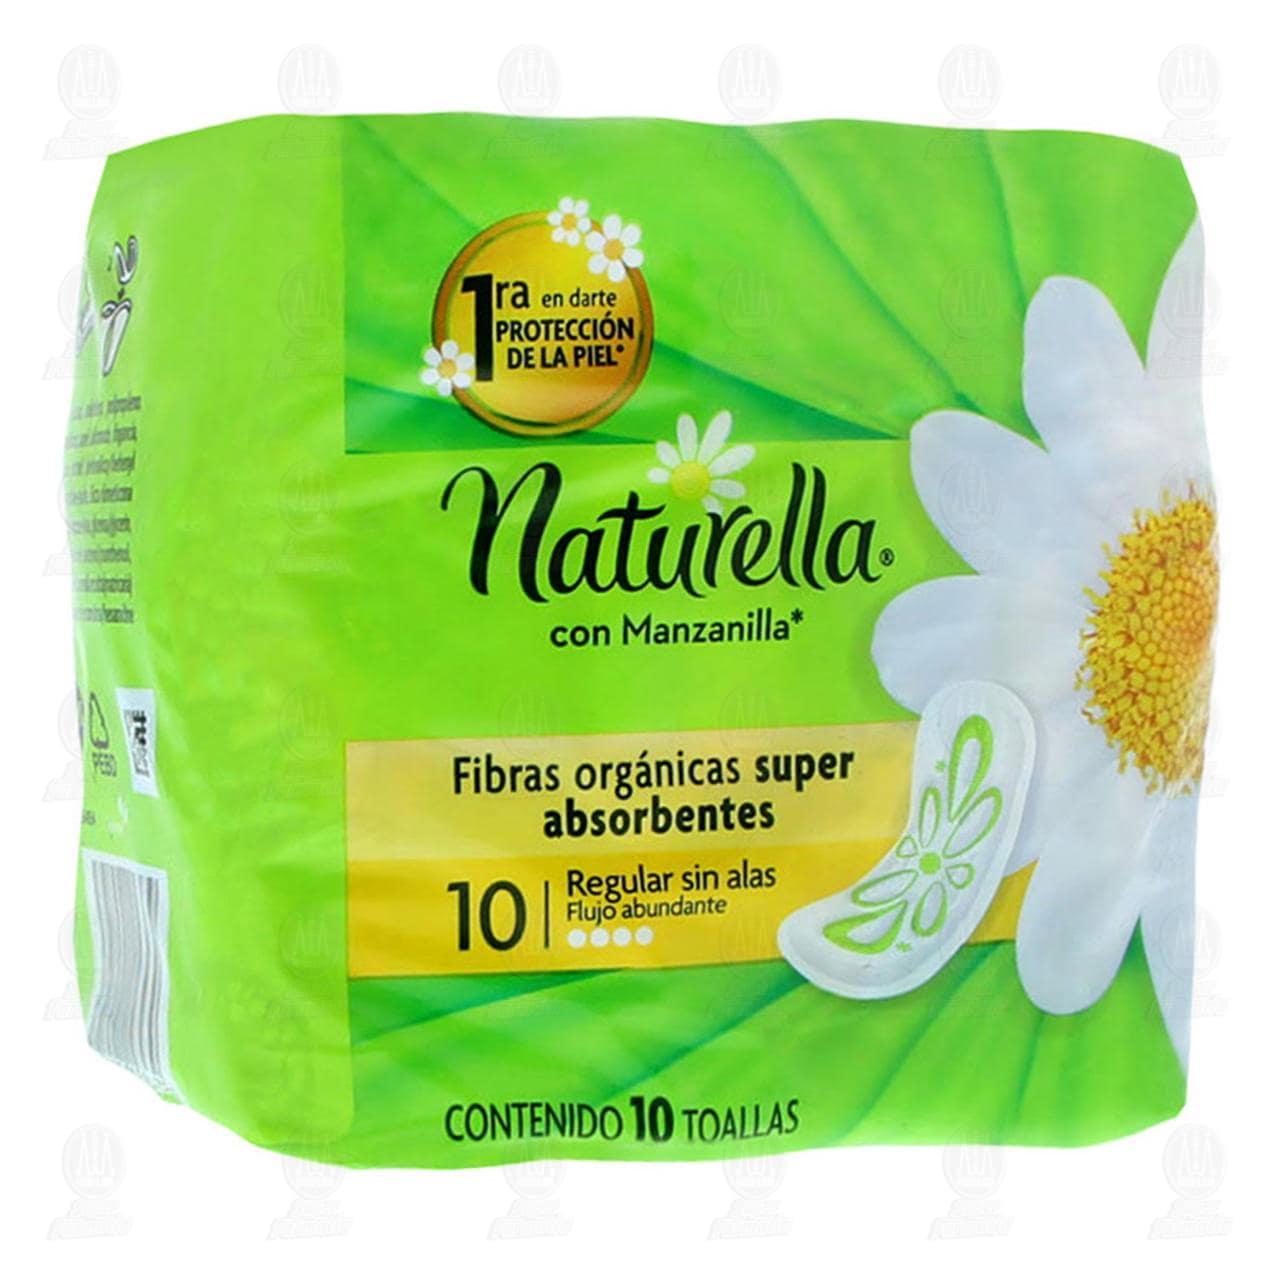 comprar https://www.movil.farmaciasguadalajara.com/wcsstore/FGCAS/wcs/products/1260650_A_1280_AL.jpg en farmacias guadalajara